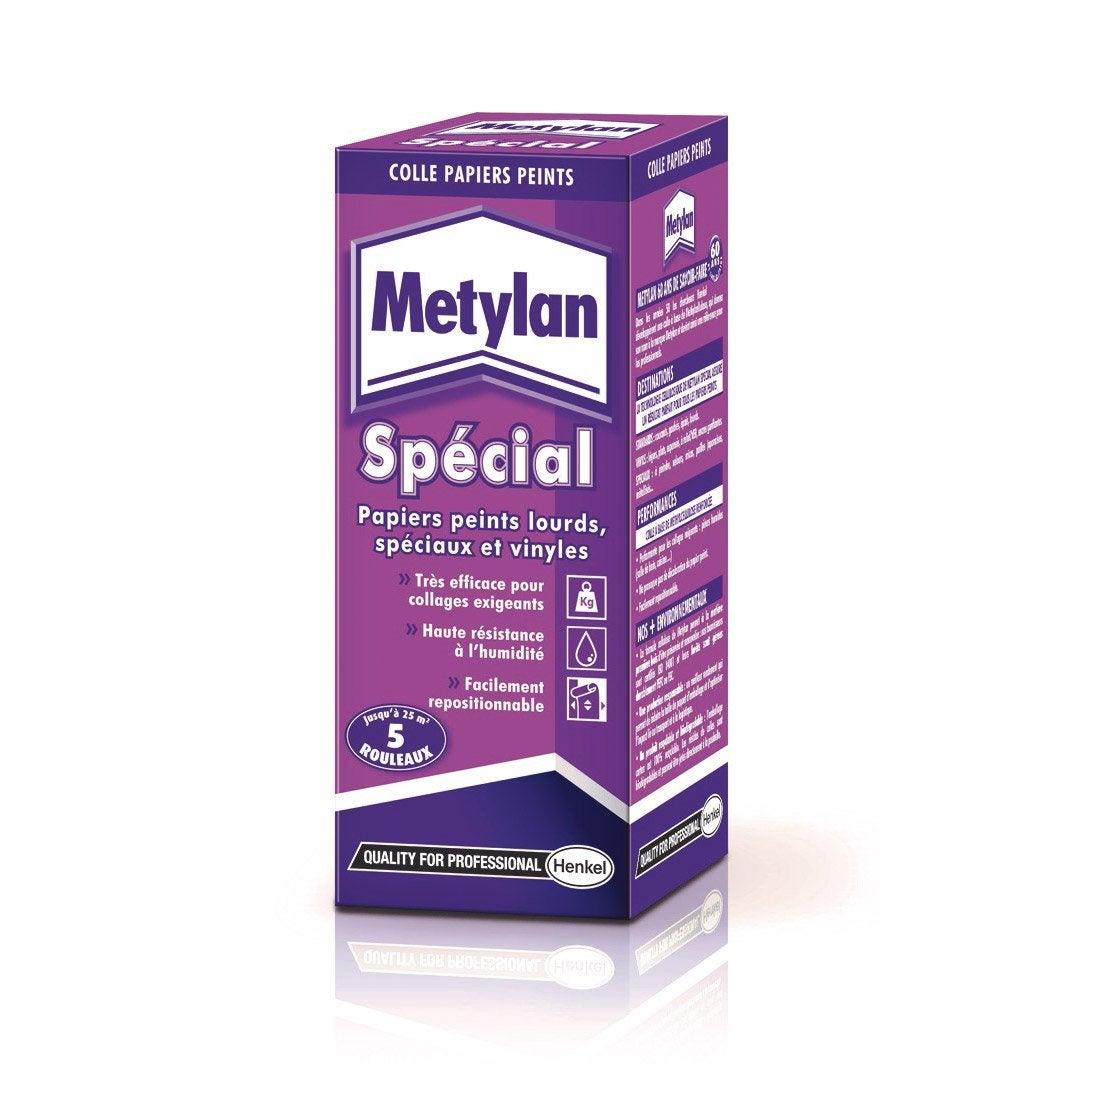 Colle tous papiers peints METYLAN, 0.2 kg   Leroy Merlin